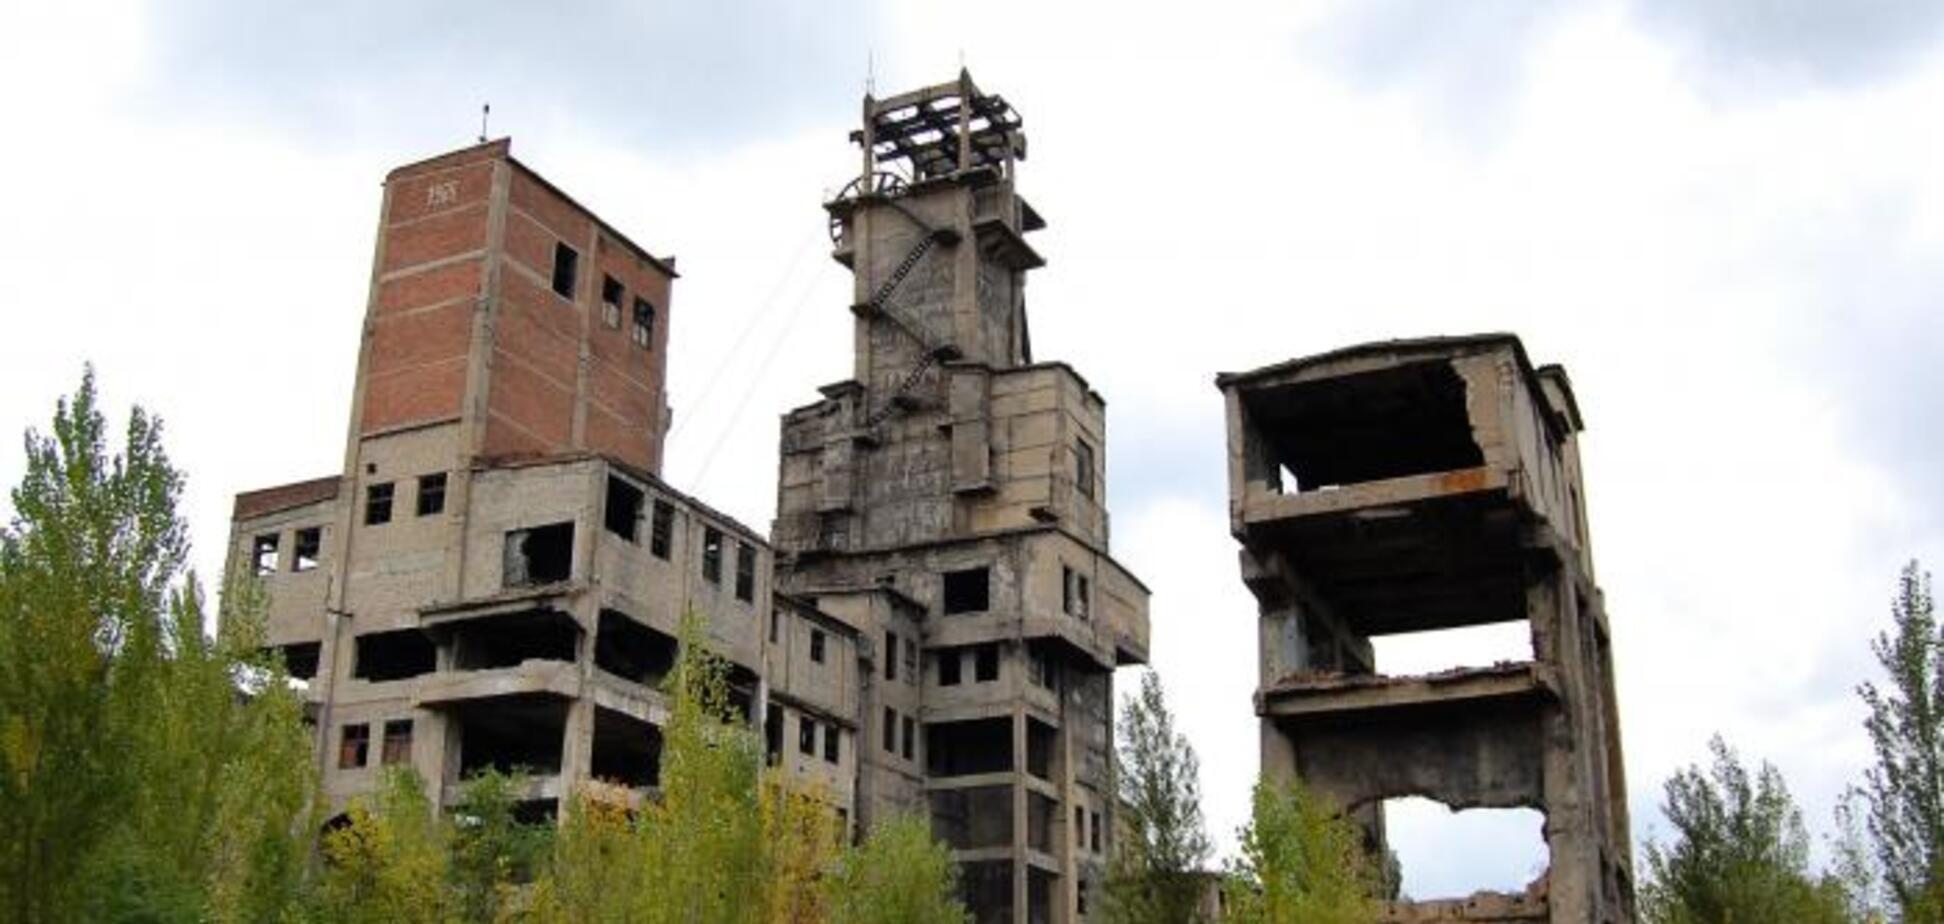 'На жаль, рішення немає': еколог попередила Донбас про прийдешню катастрофу